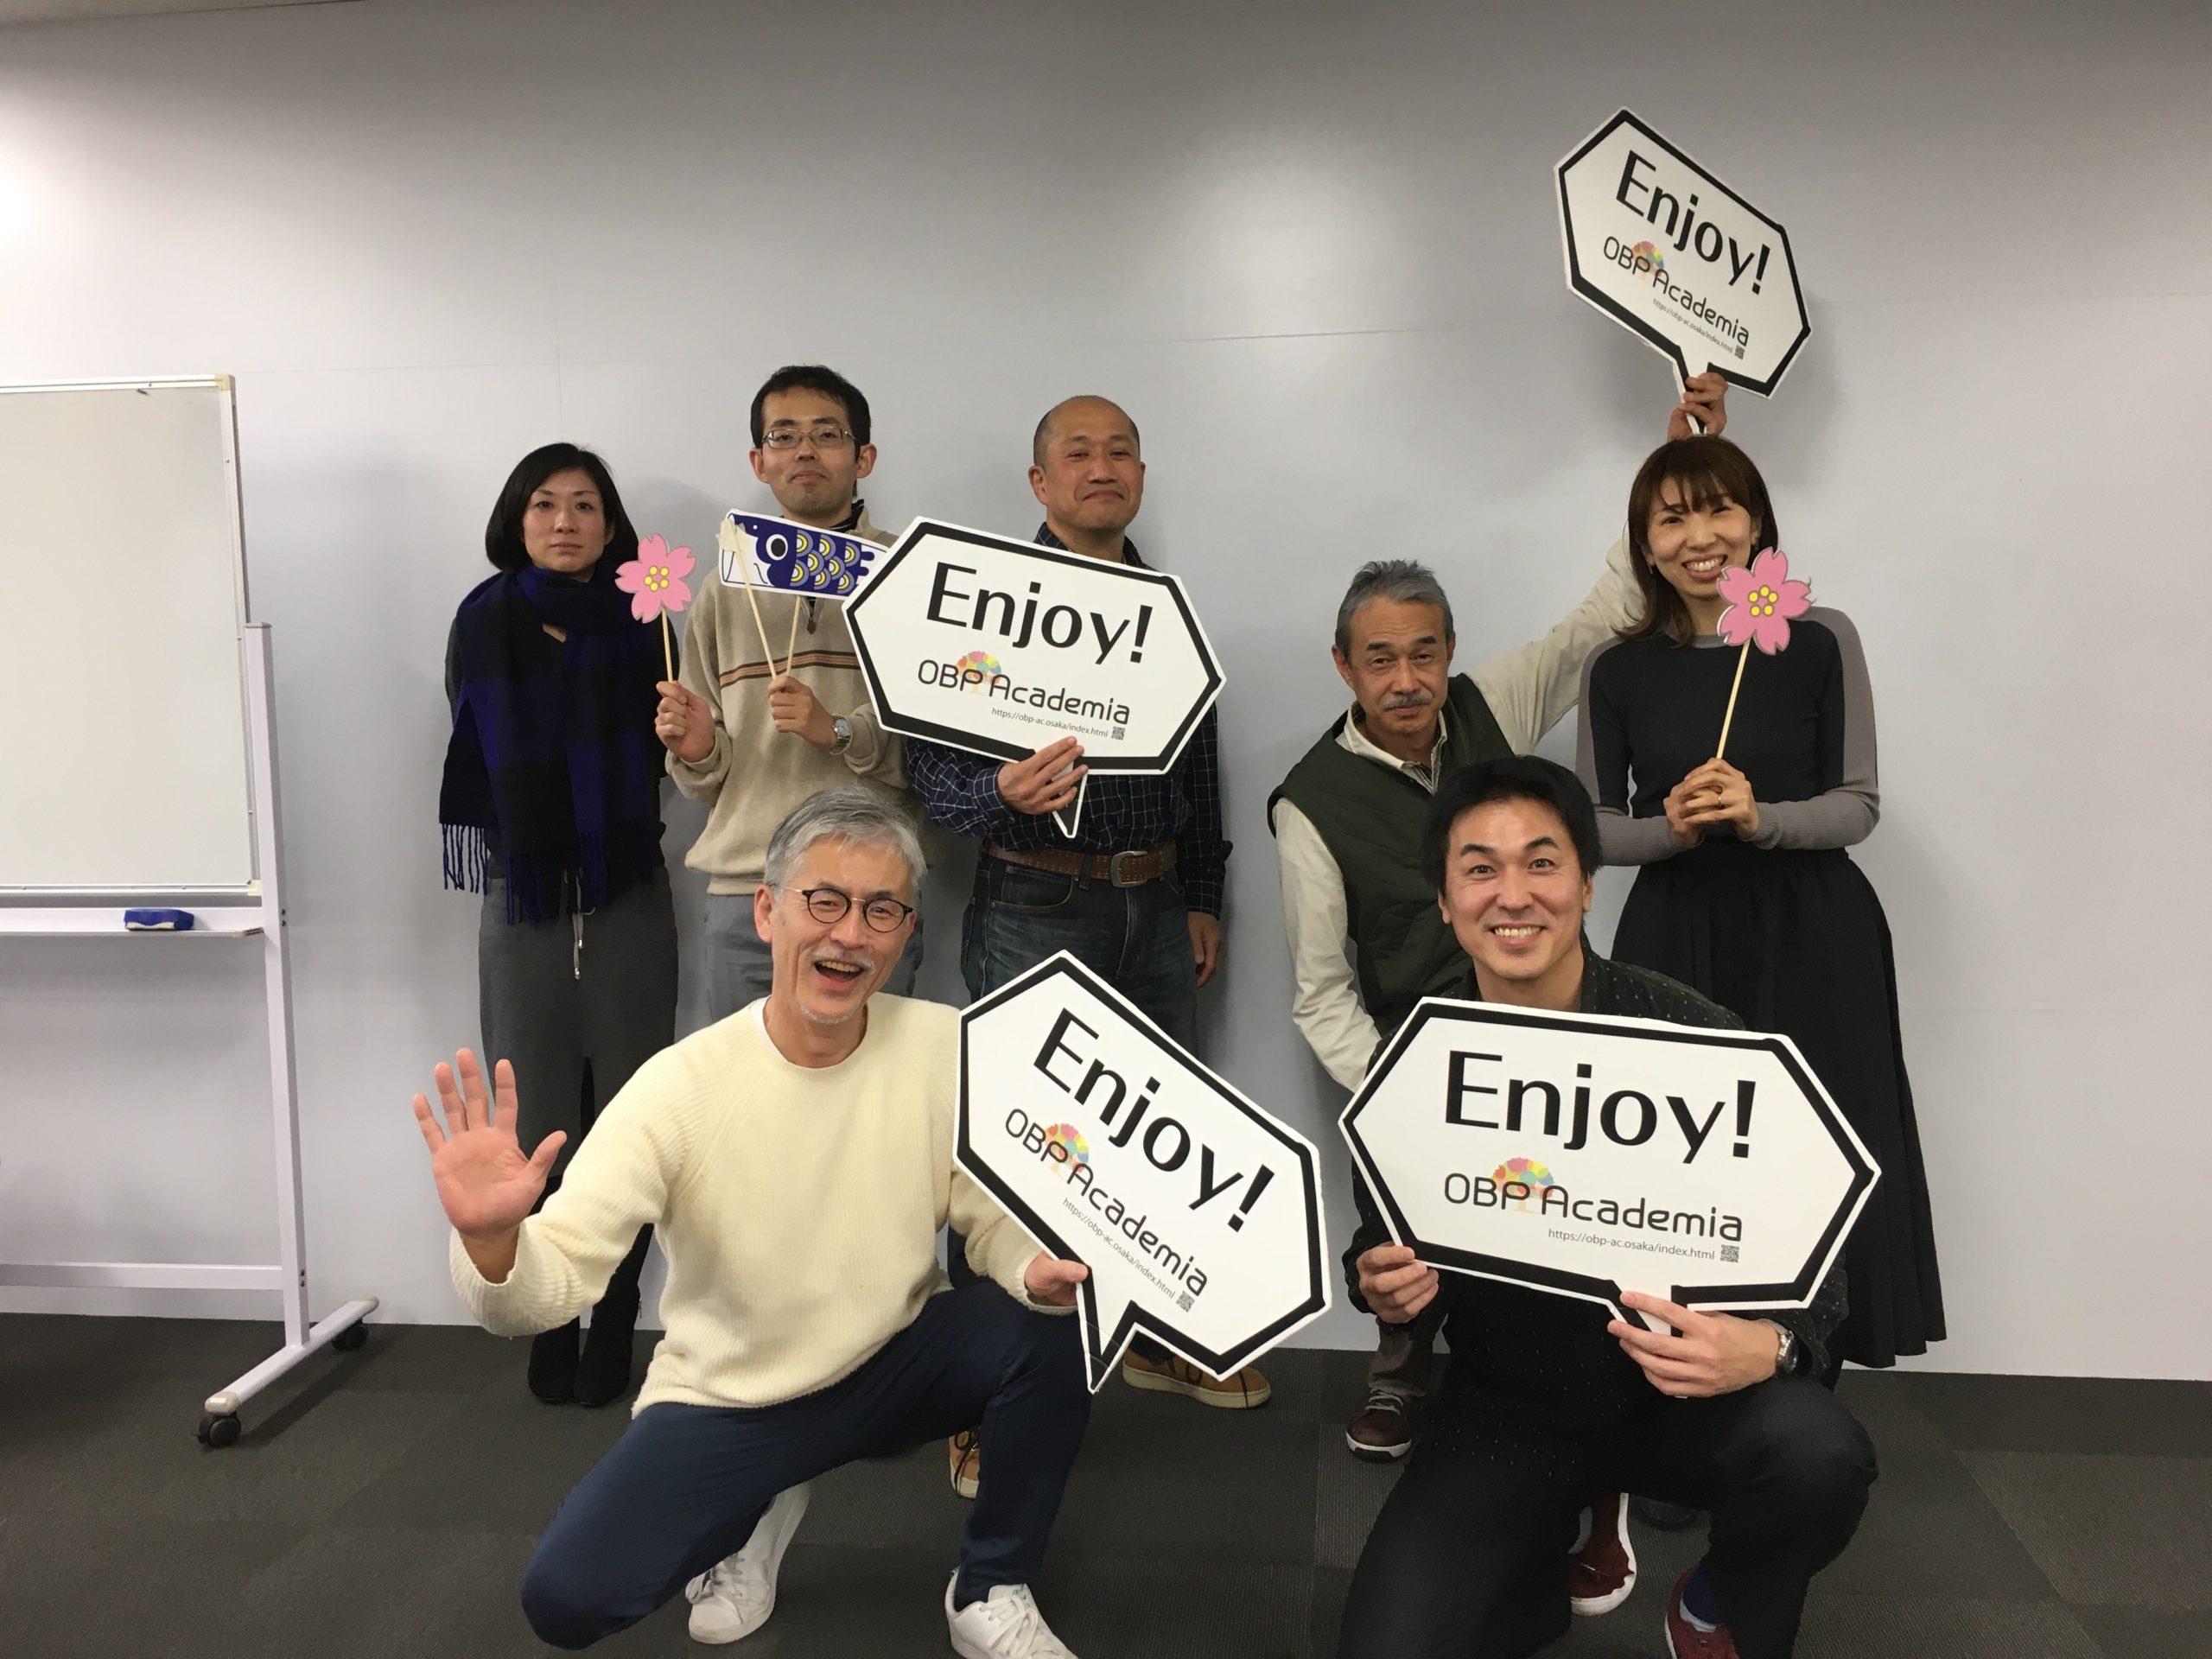 キャリアコンサルタントグループwellbeing セミナー開催のご報告/being(あり方)から考えるキャリア